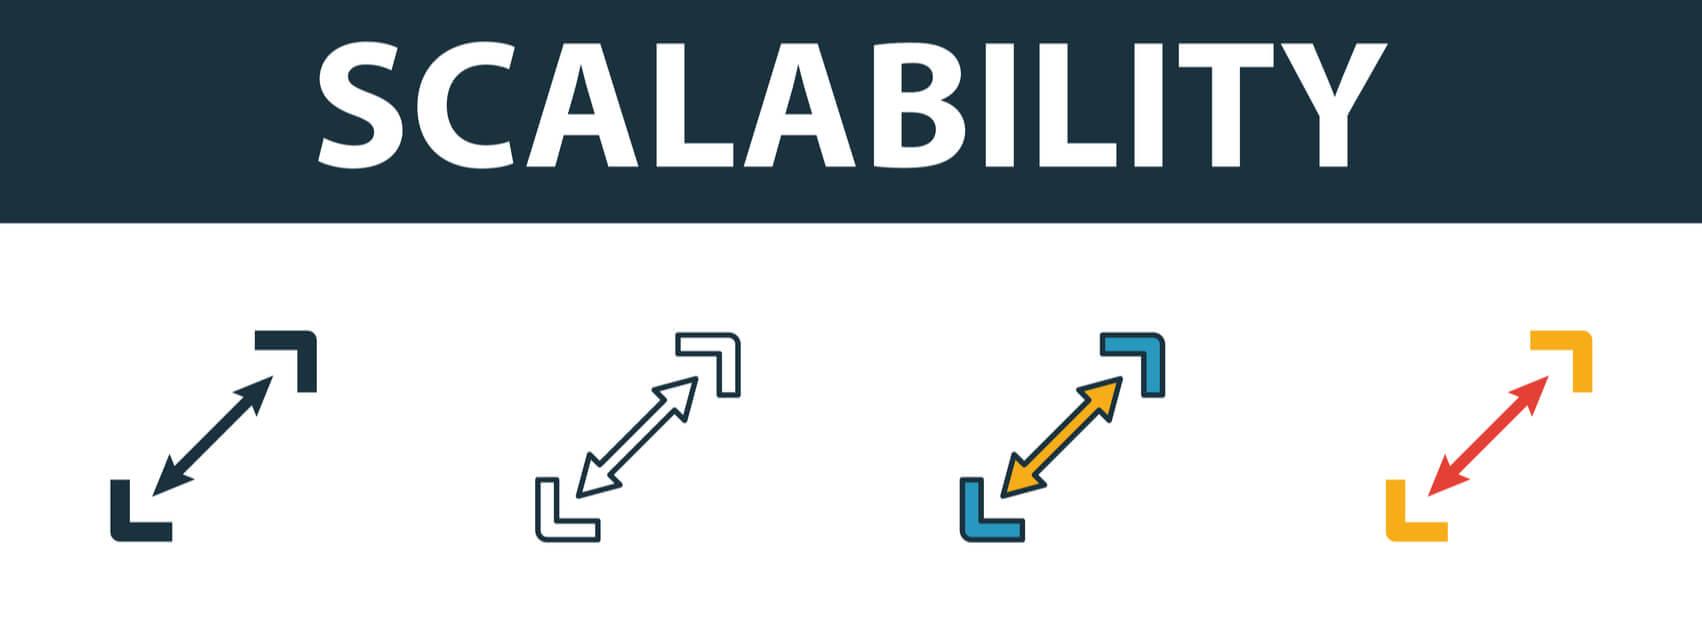 escalabilidade nos negócios